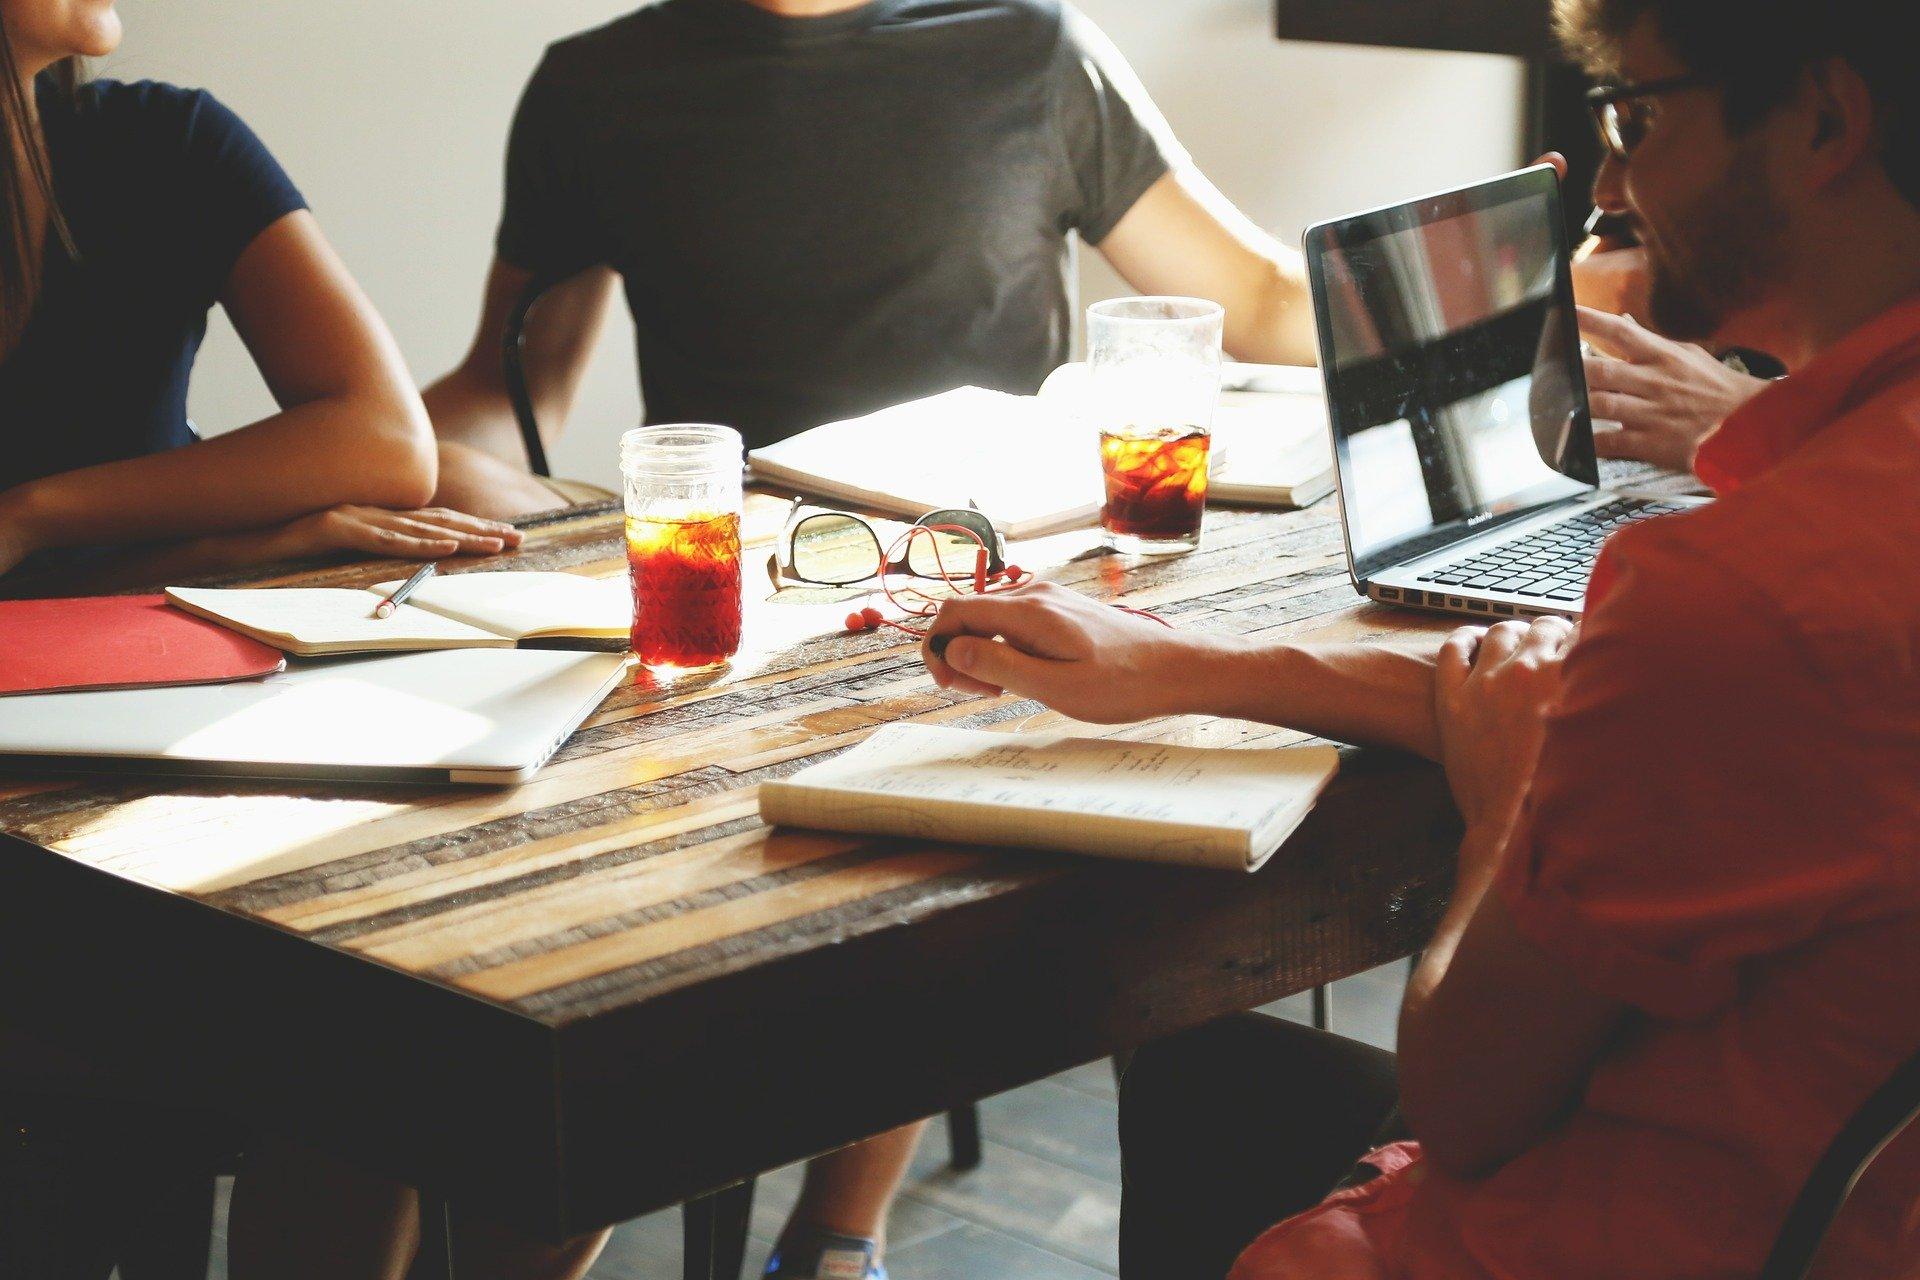 Com s'aconsegueix un espai de treball més inclusiu?